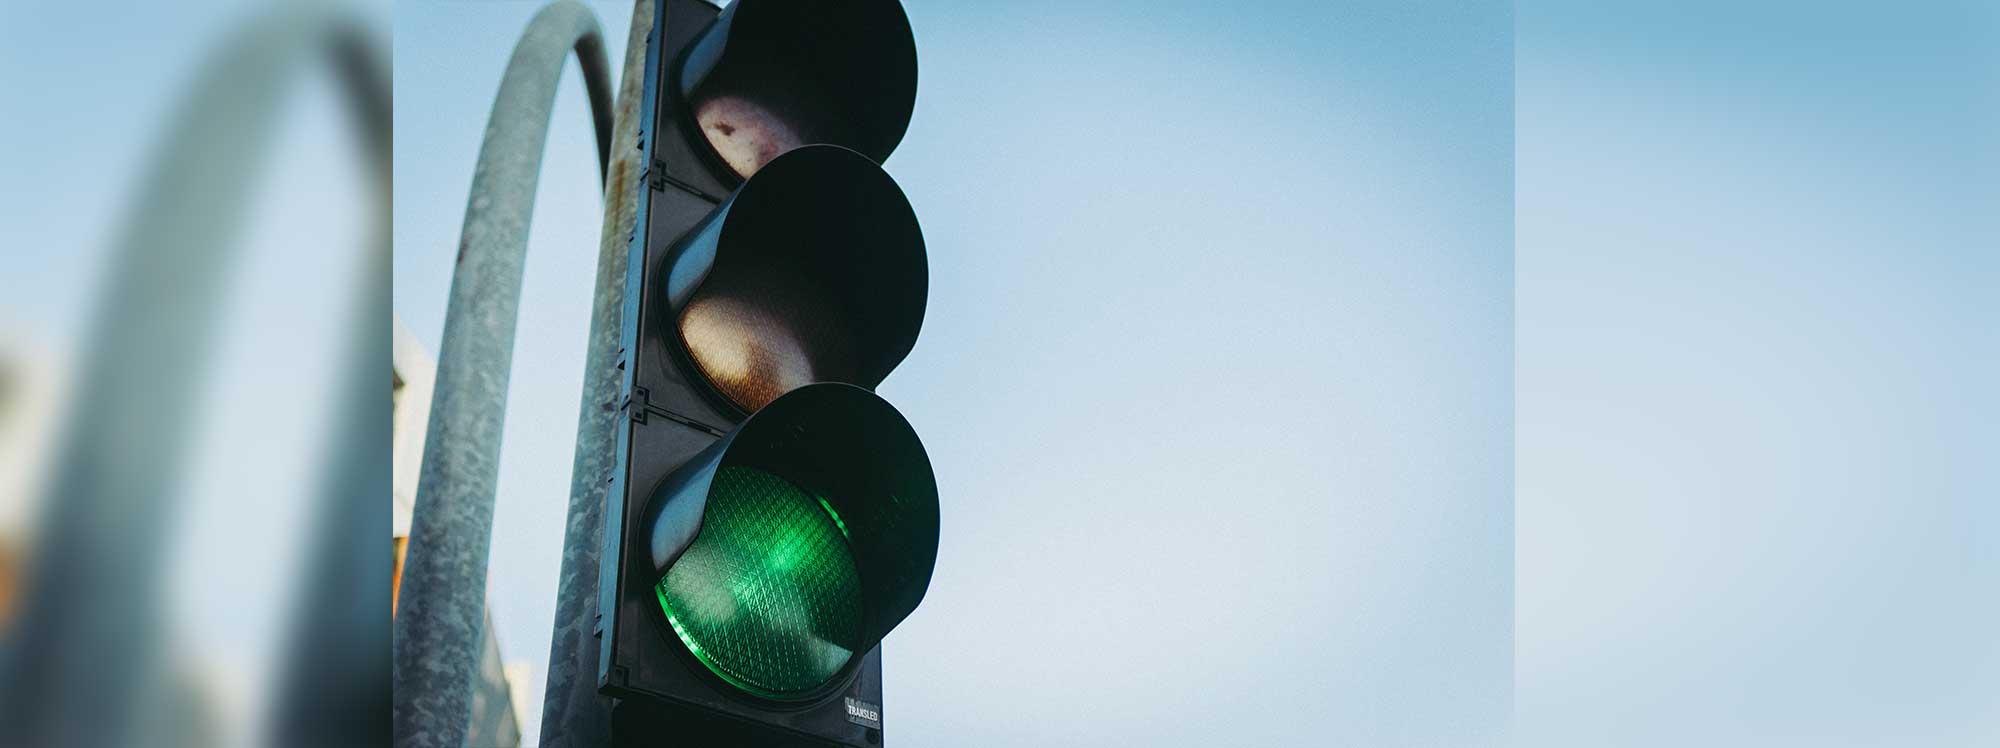 Entienda los semáforos: Guía para principiantes